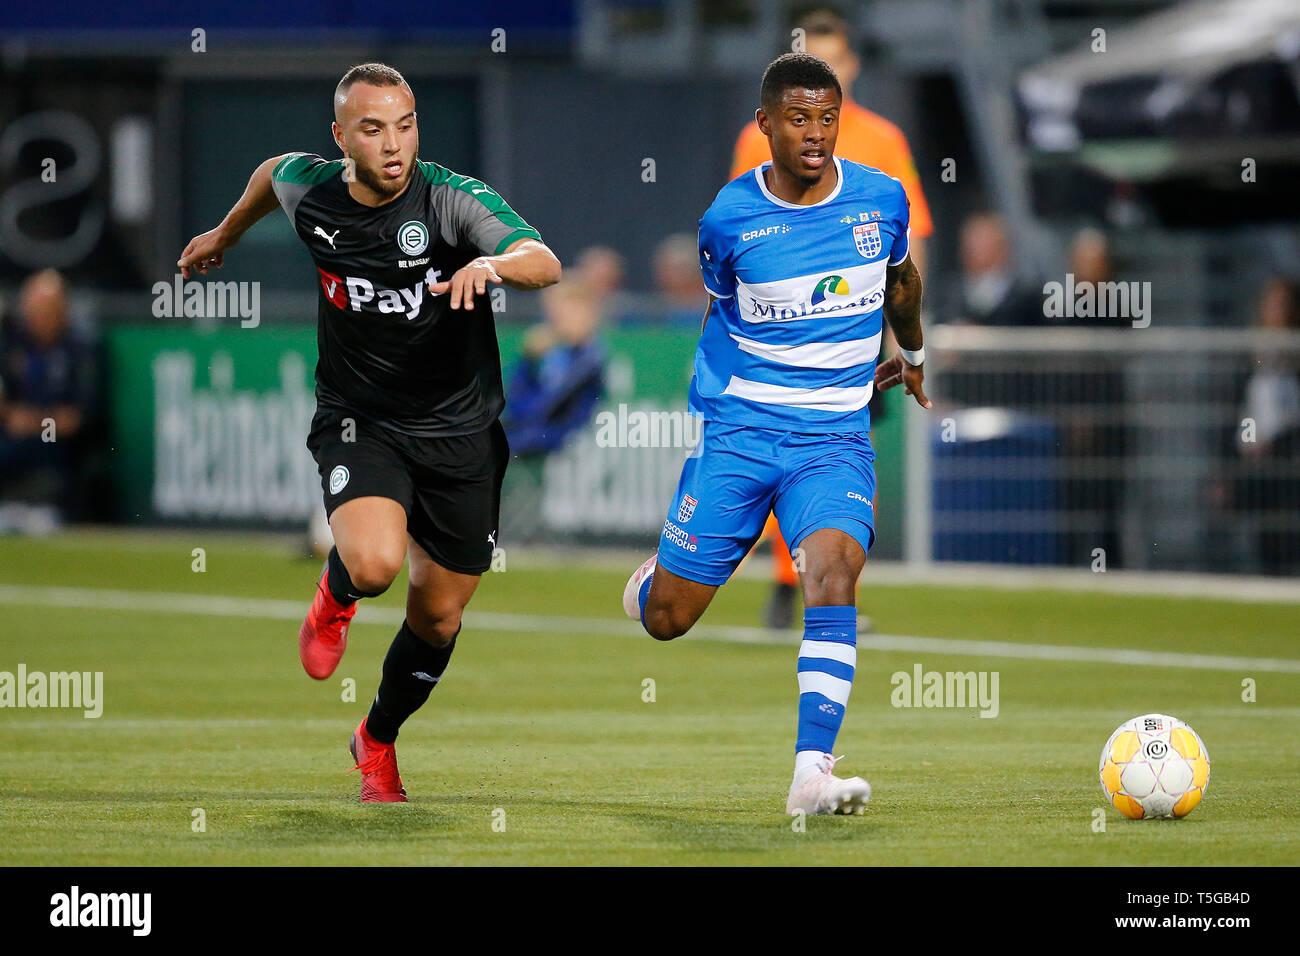 Iliass Bel Hassani.Zwolle 24 04 2019 Mac3park Stadium Season 2018 2019